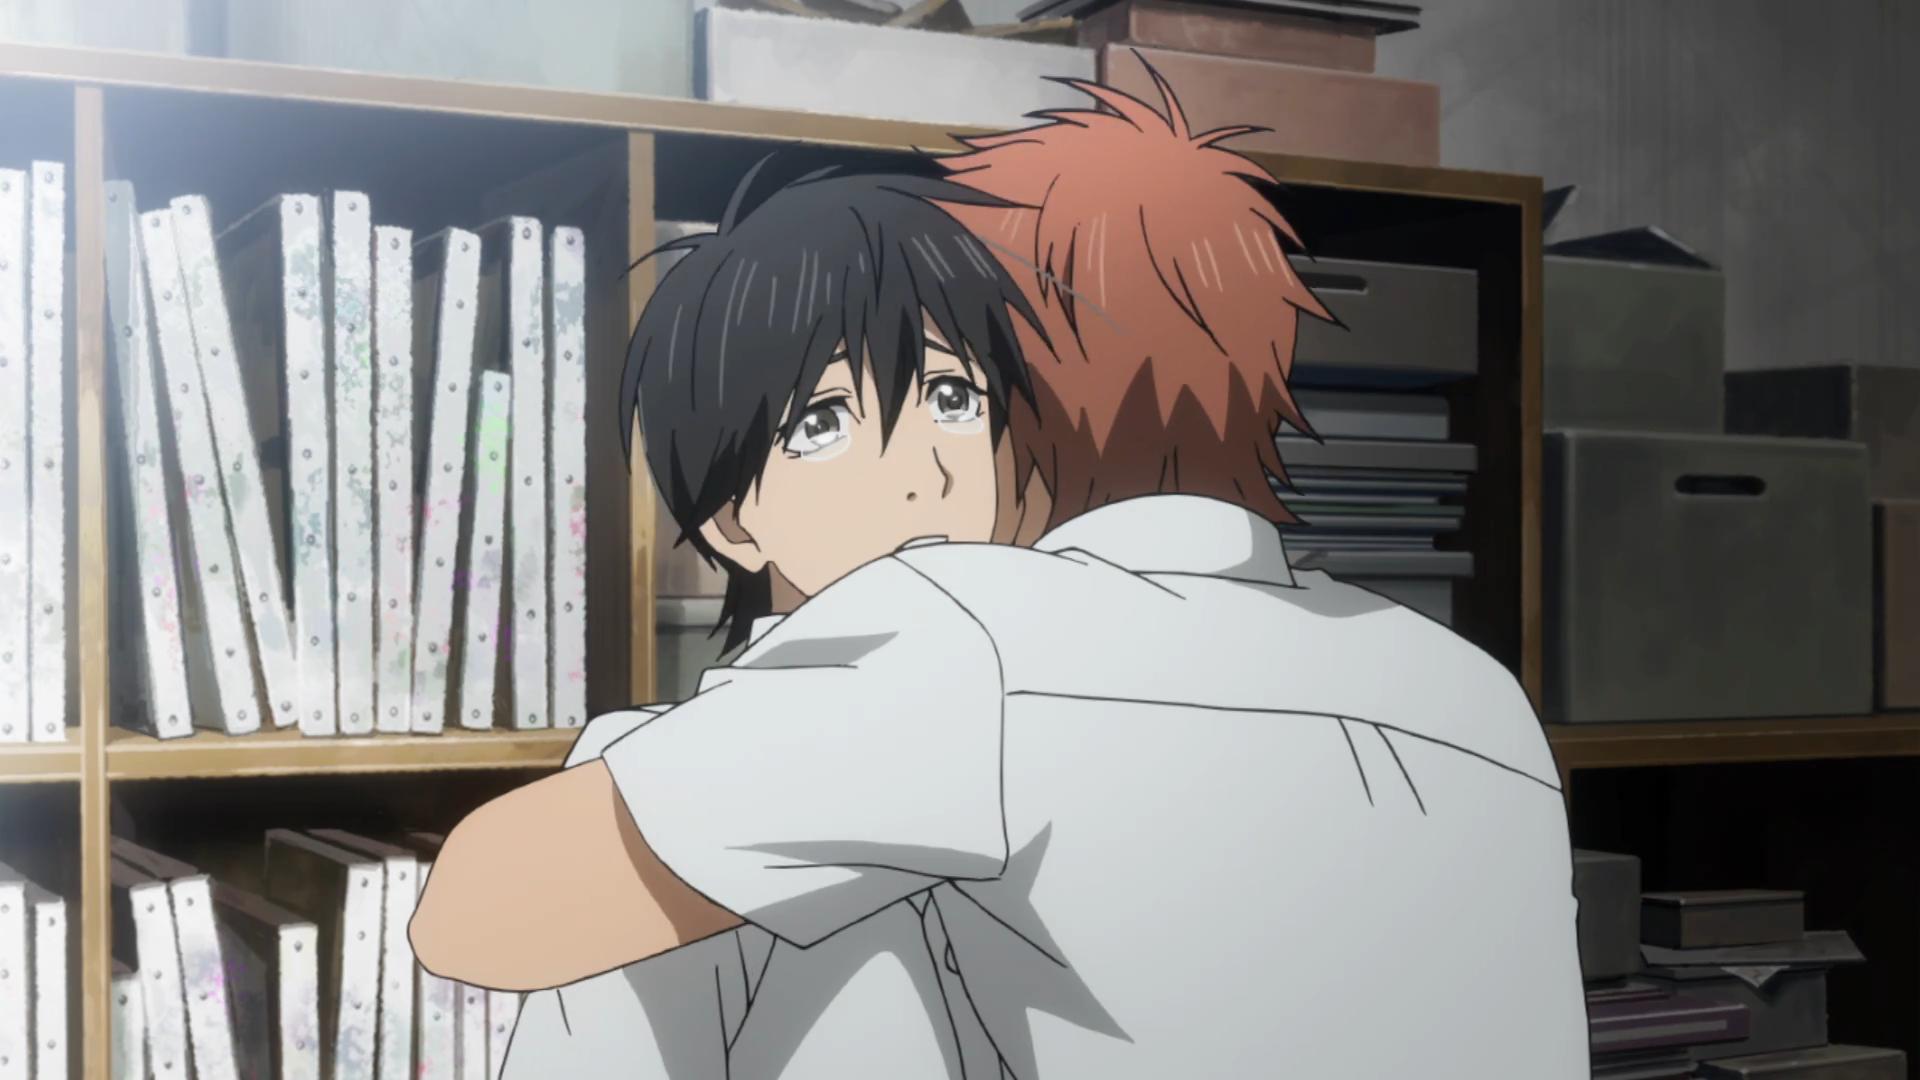 Anime Hugging Crying